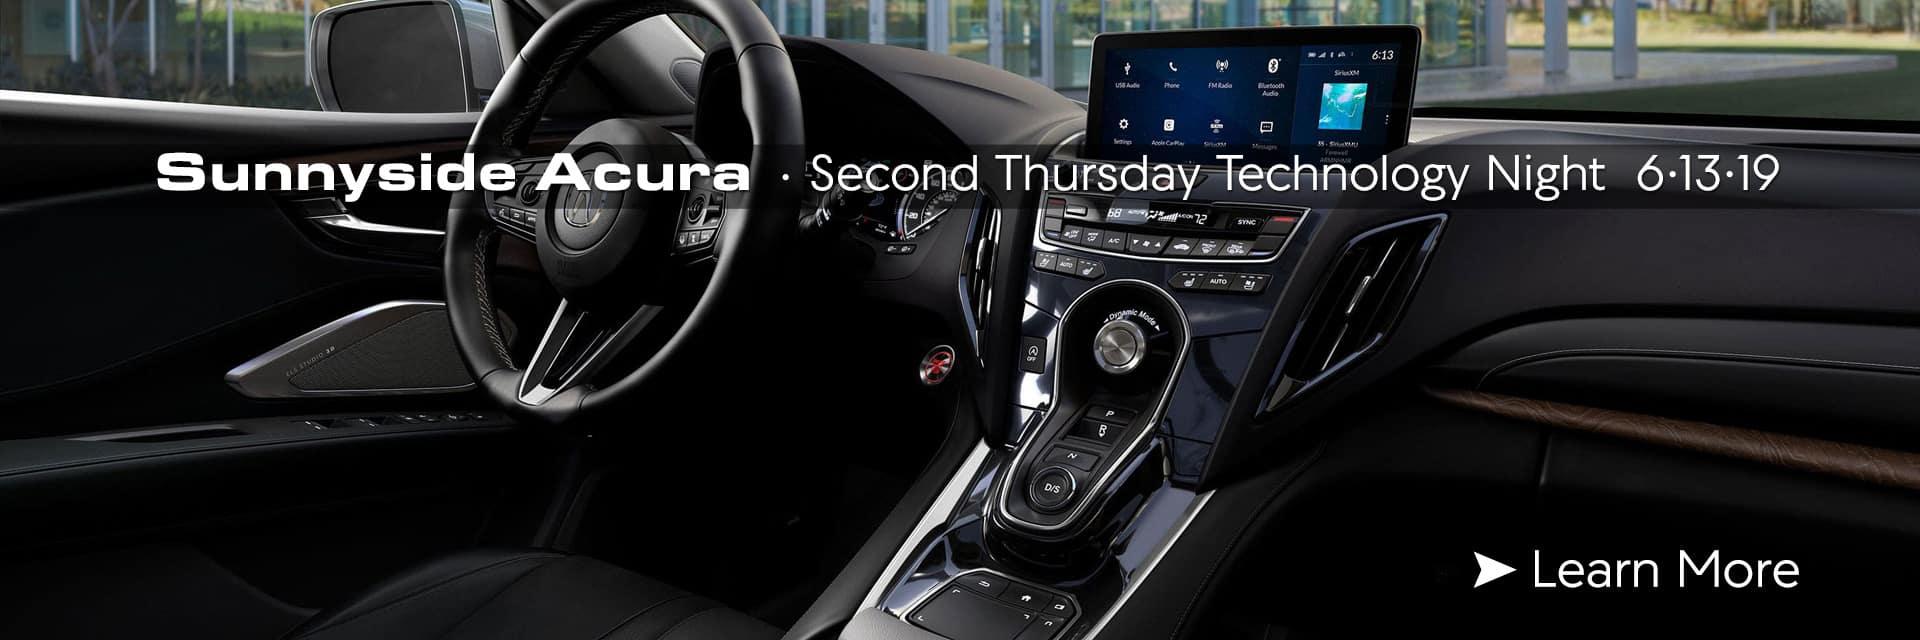 Acura Technology Night - Sunnyside Acura Nashua NH 03063